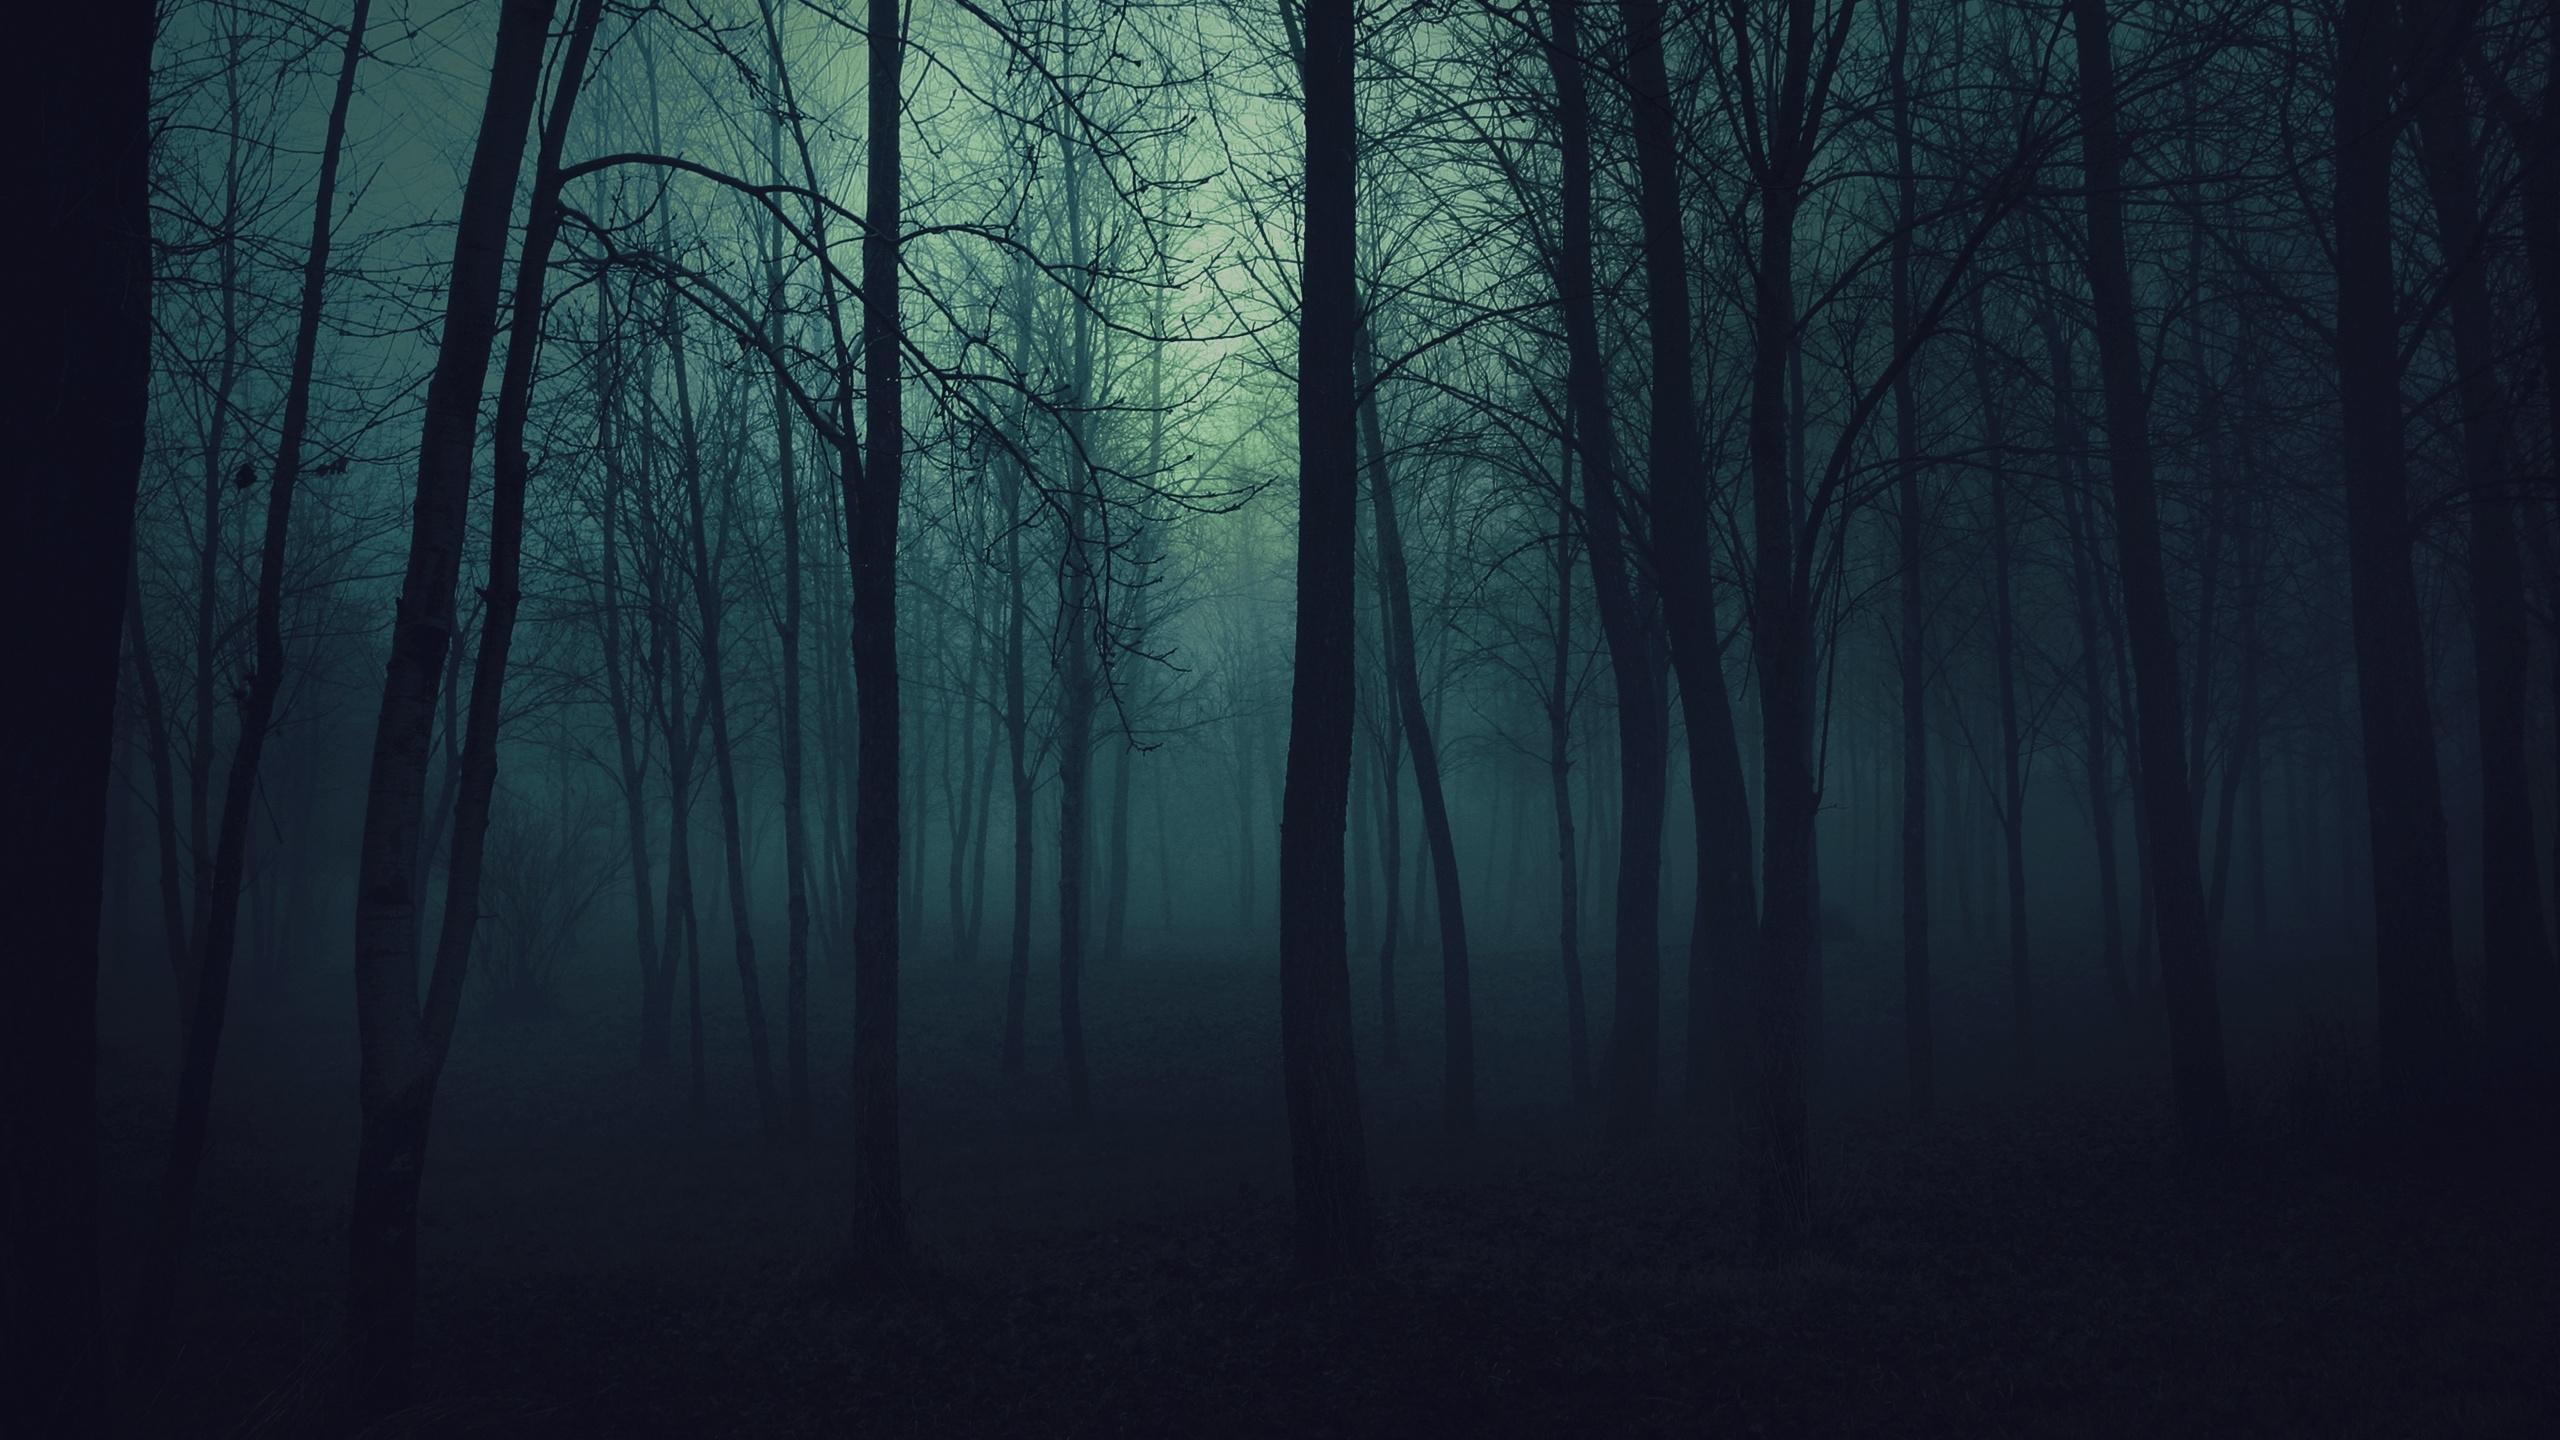 Hình nền khu rừng tăm tối